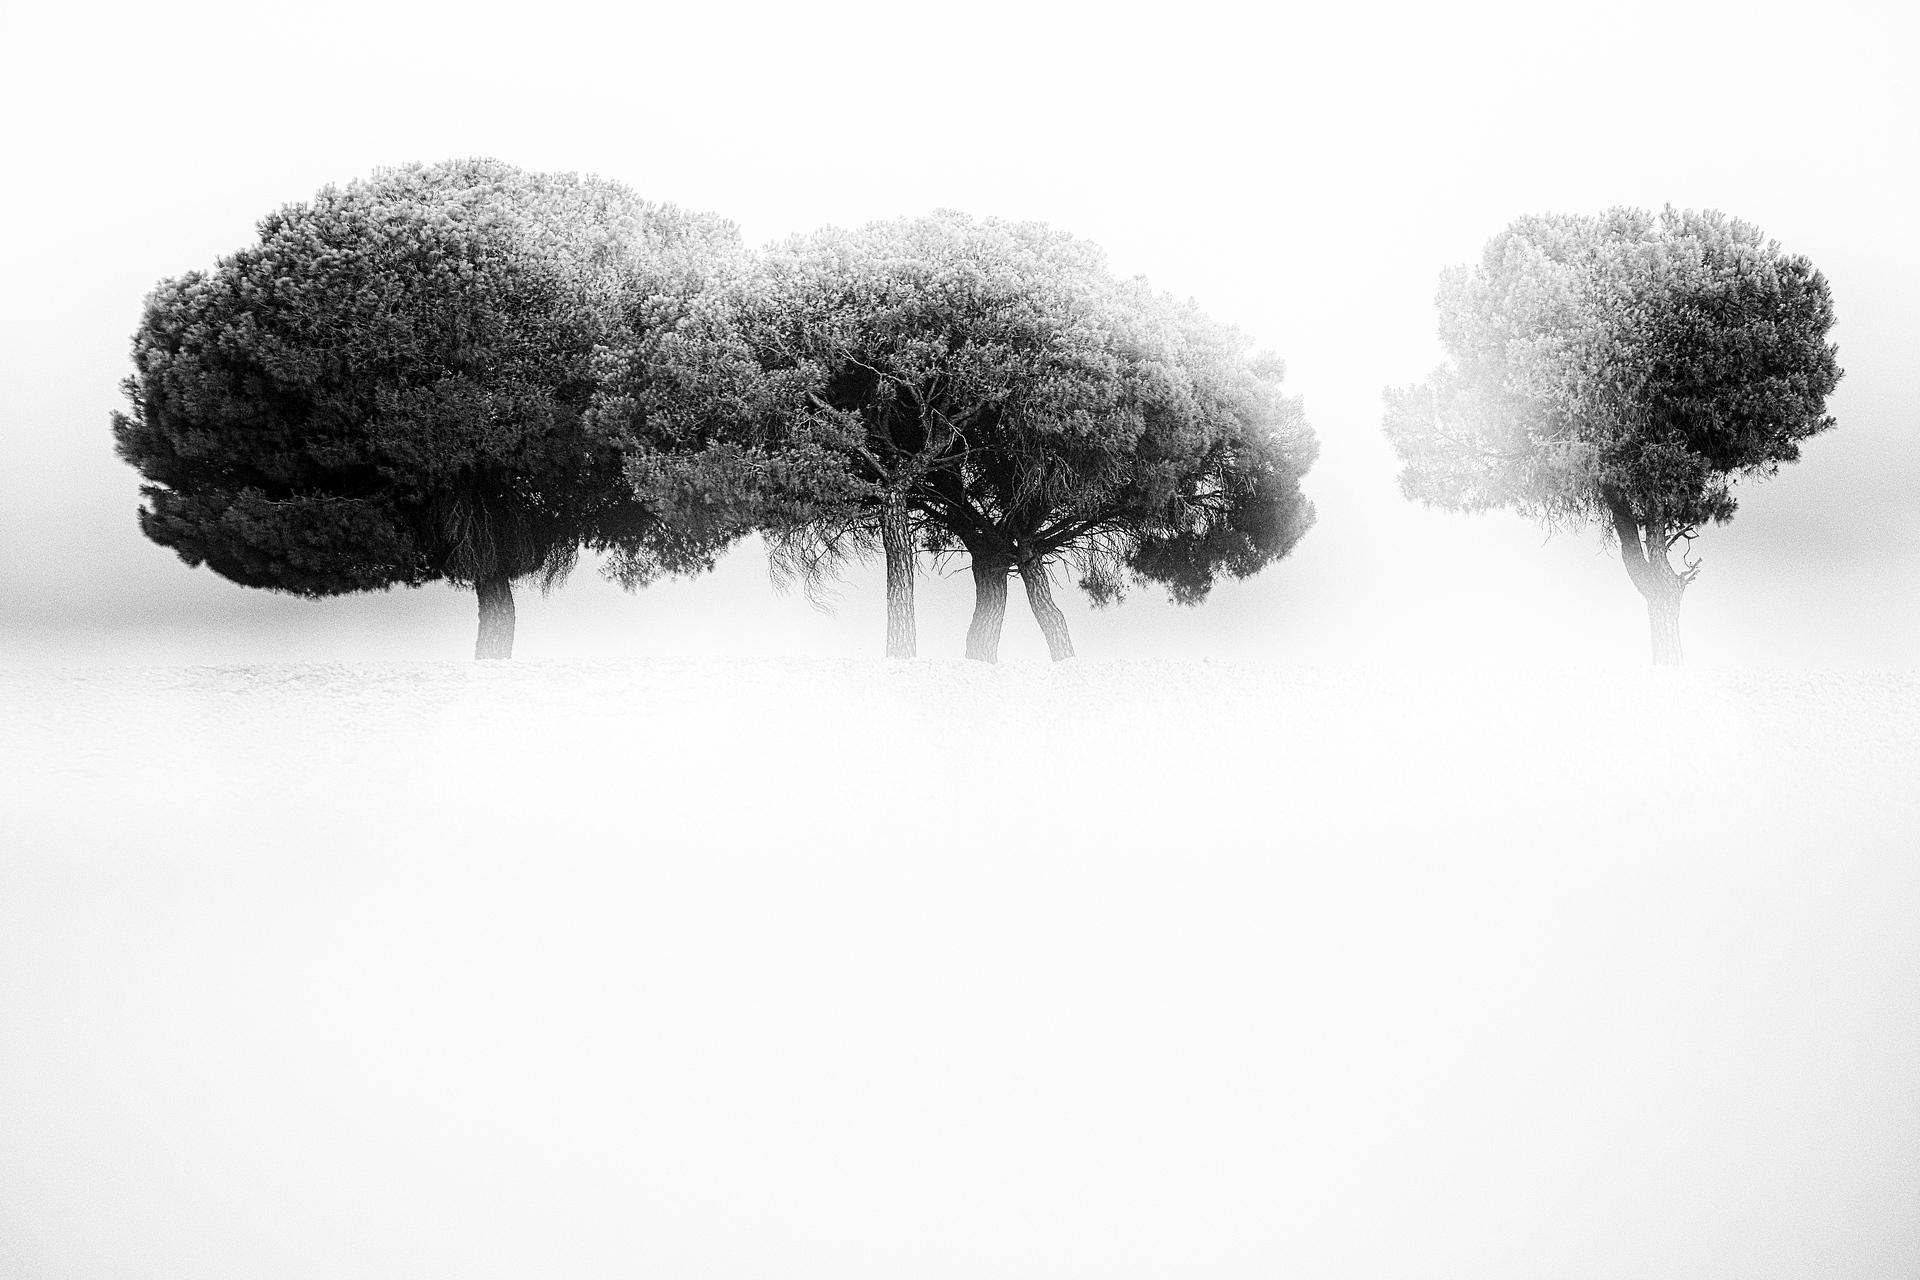 13 - David Santiago, Landscape Photography